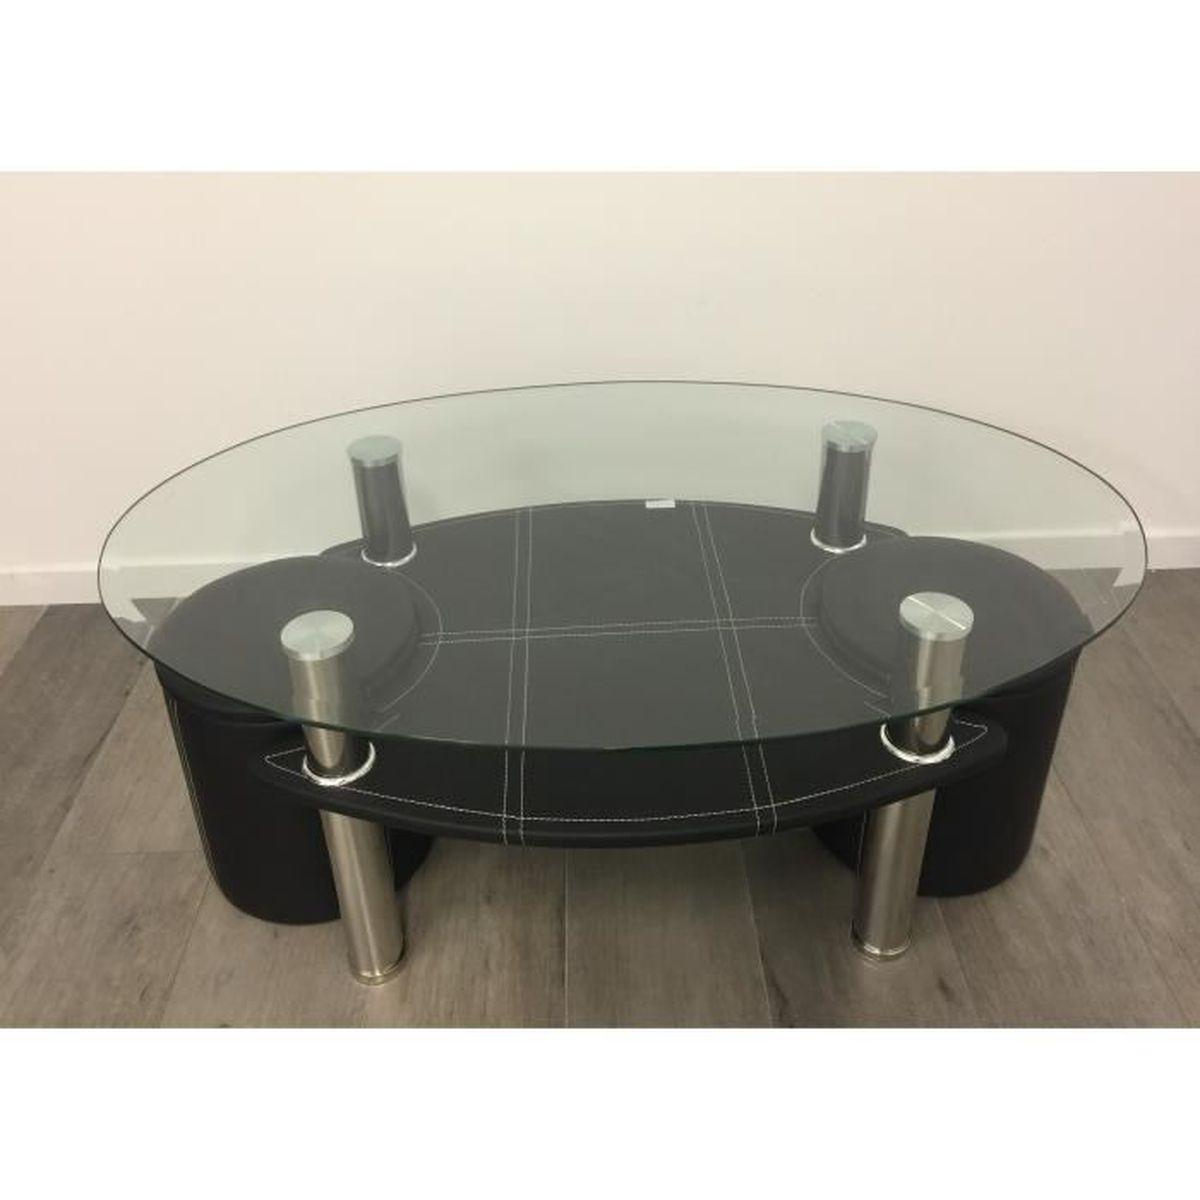 Table basse avec tabouret achat vente table basse avec - Table basse c discount ...